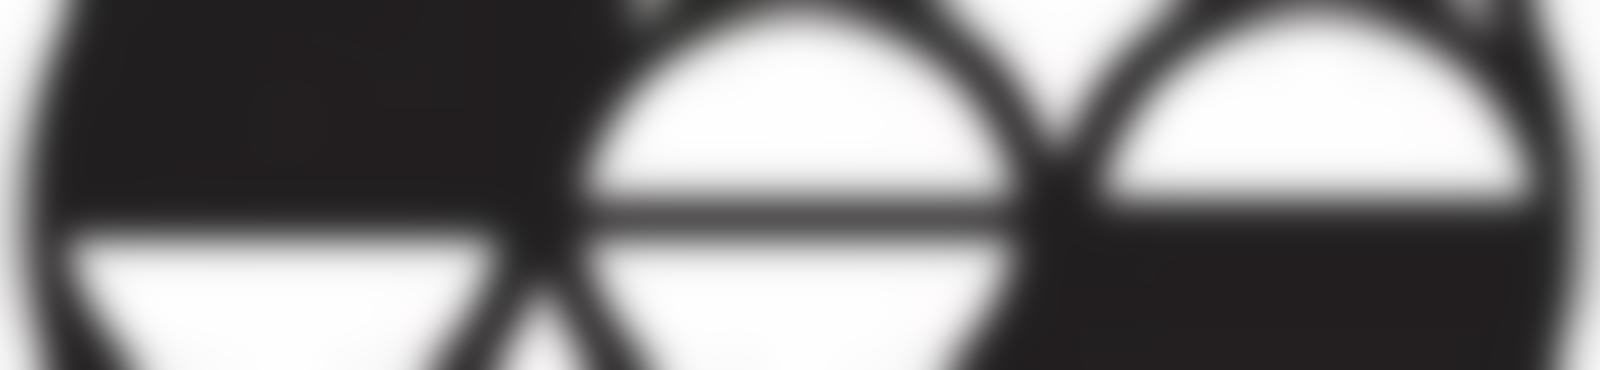 Blurred 9fa75c8b 0fba 4ee1 bae3 b7a5bb029ea3